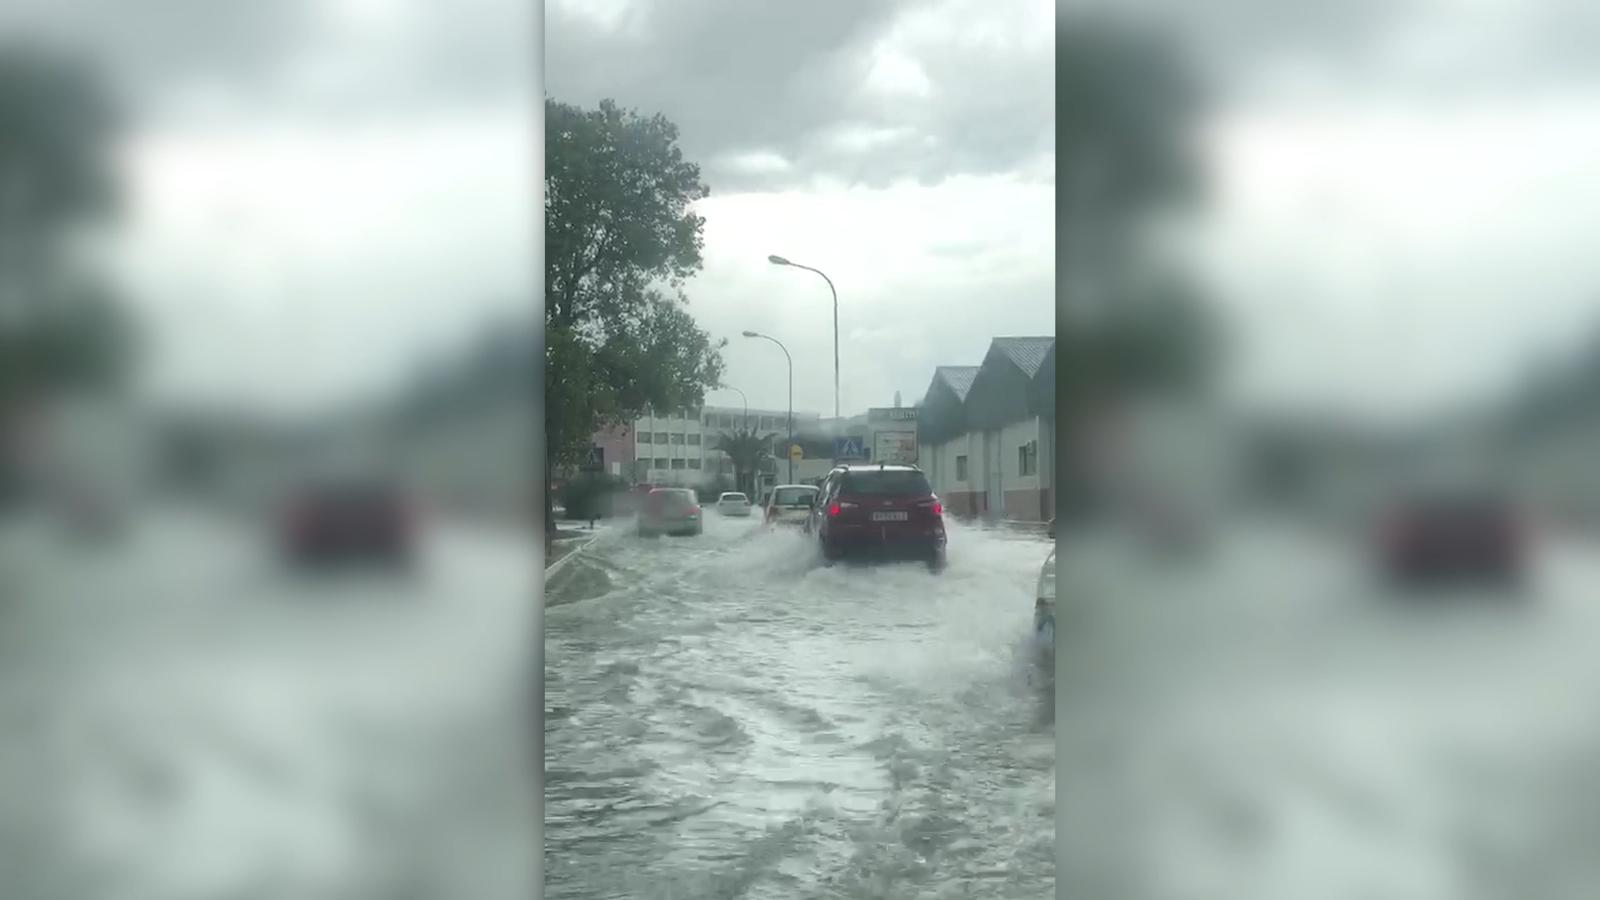 La pluja provoca importants retencions a Maó, Ciutadella i la carretera general